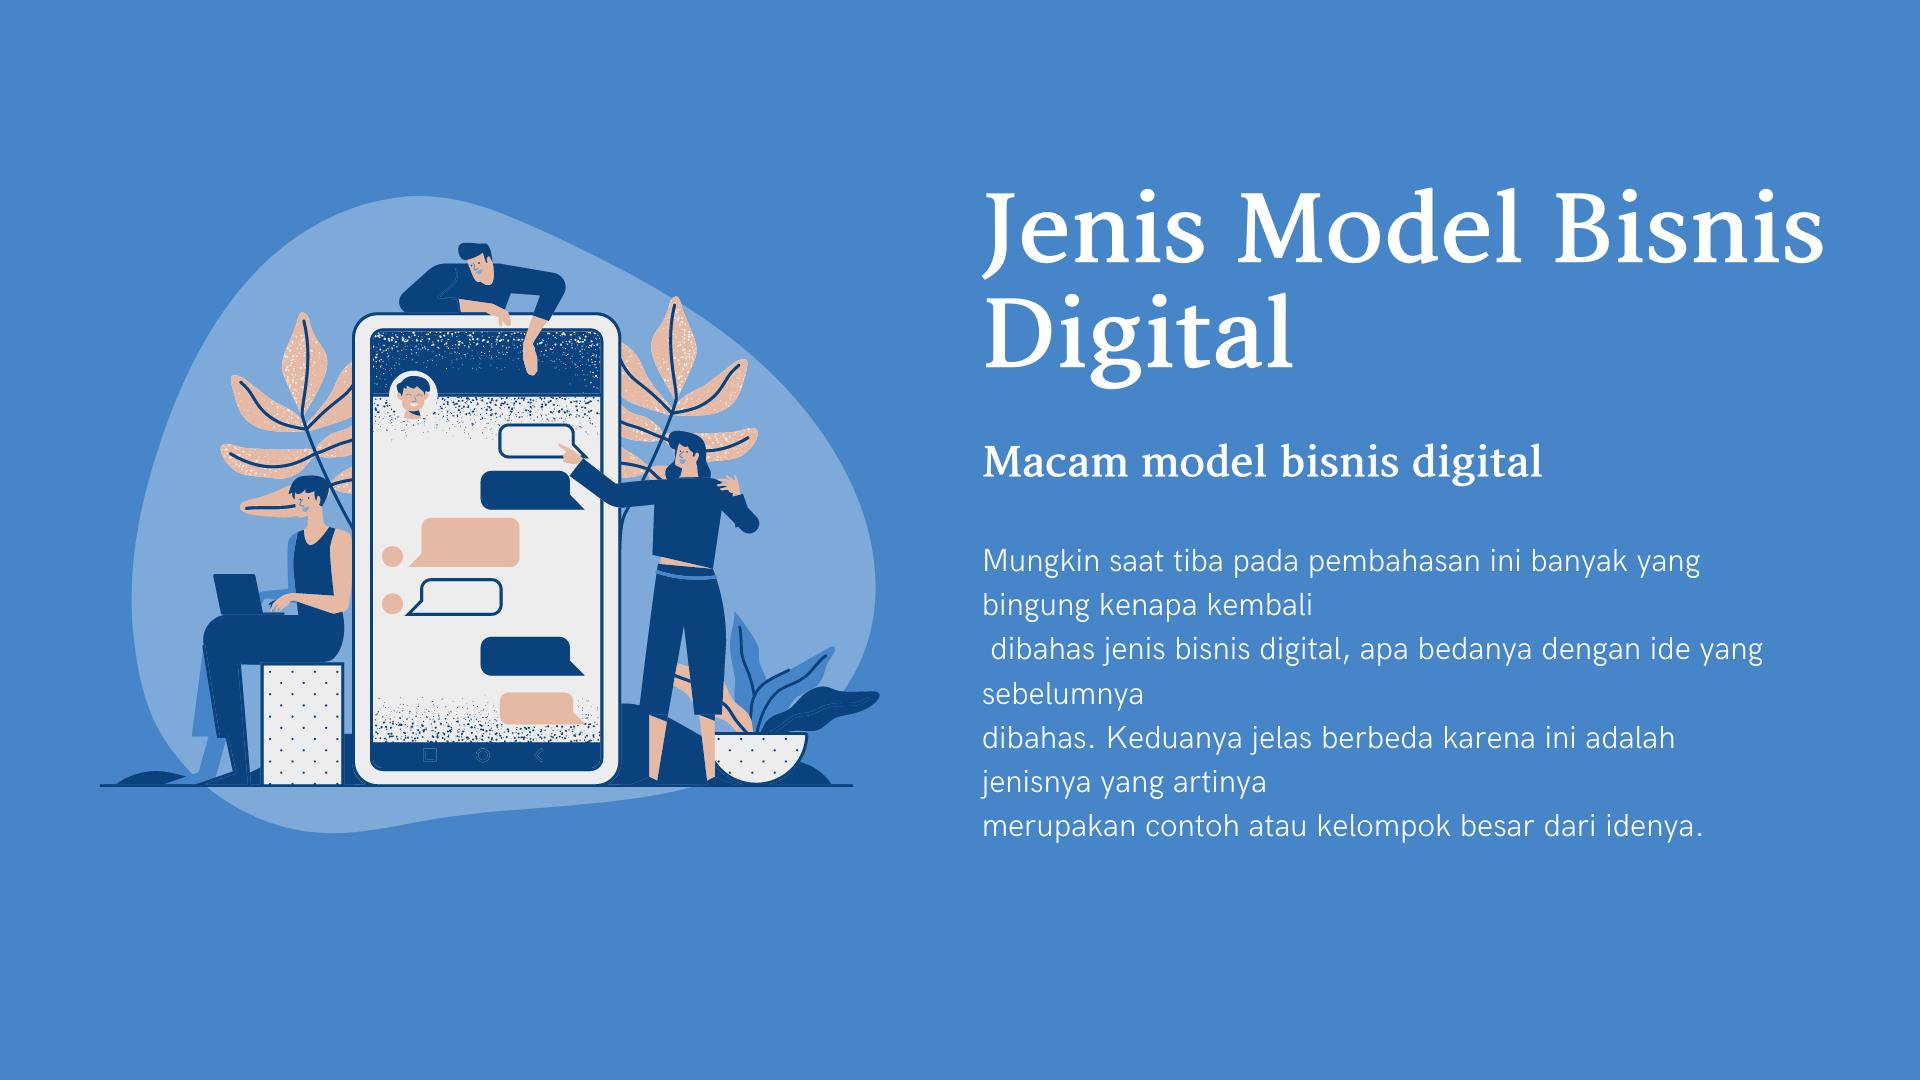 jenis model bisnis digital